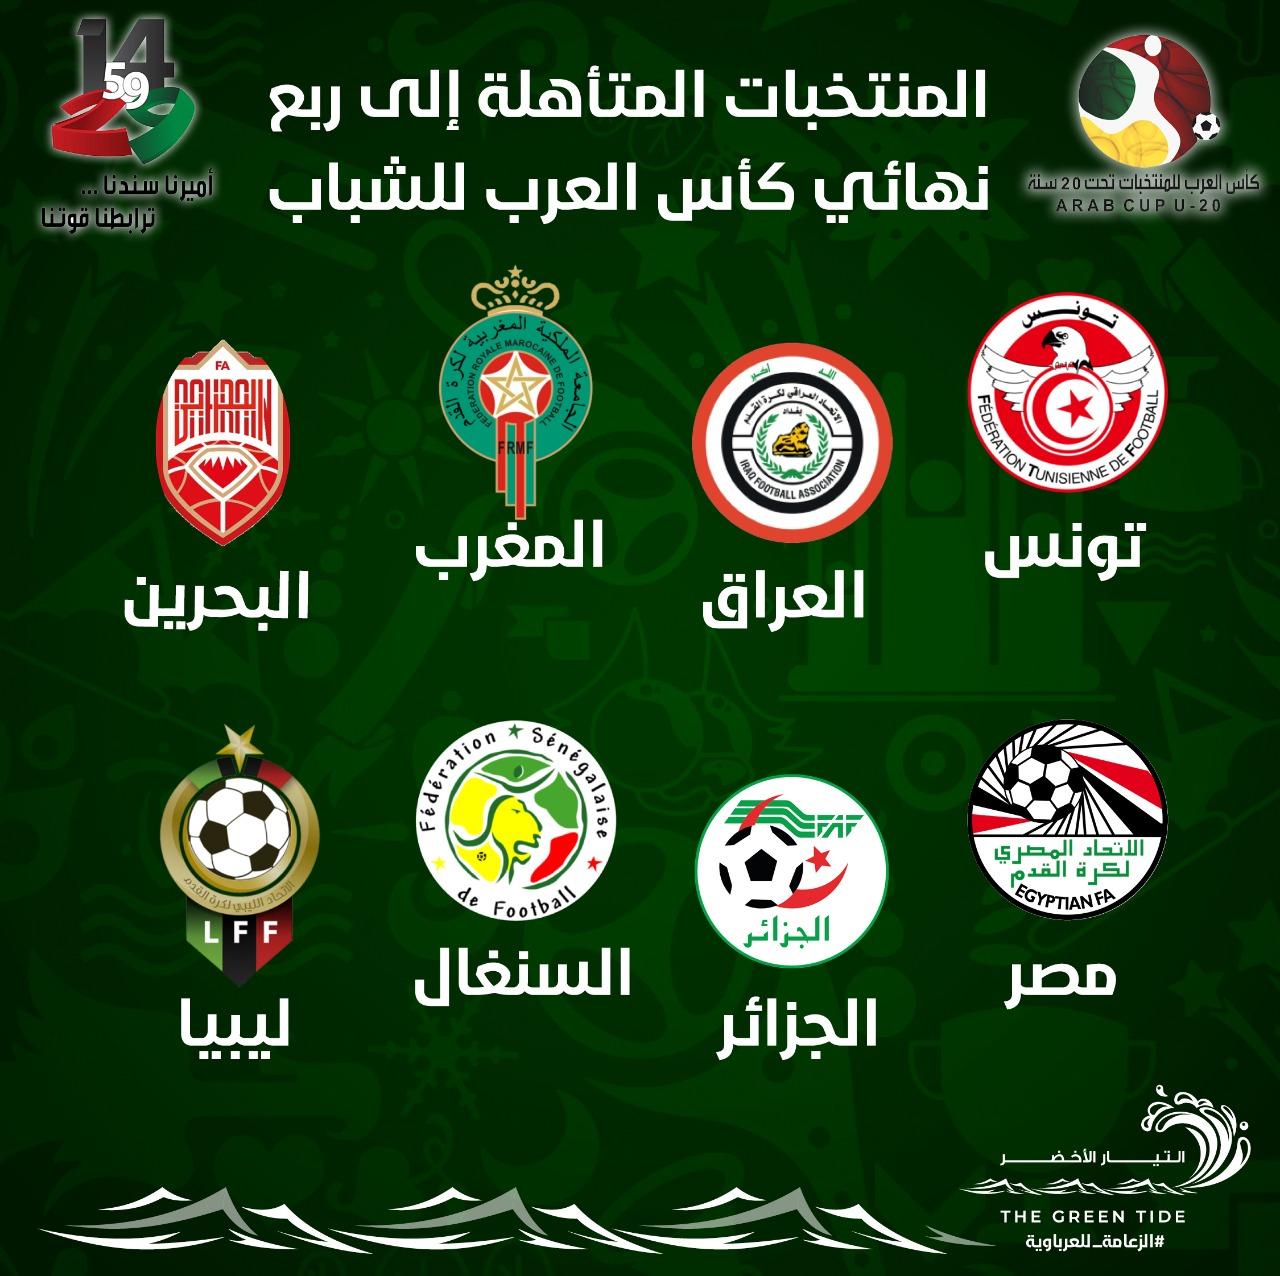 المنتخبات المتأهلة إلى ربع نهائي كأس العرب للشباب